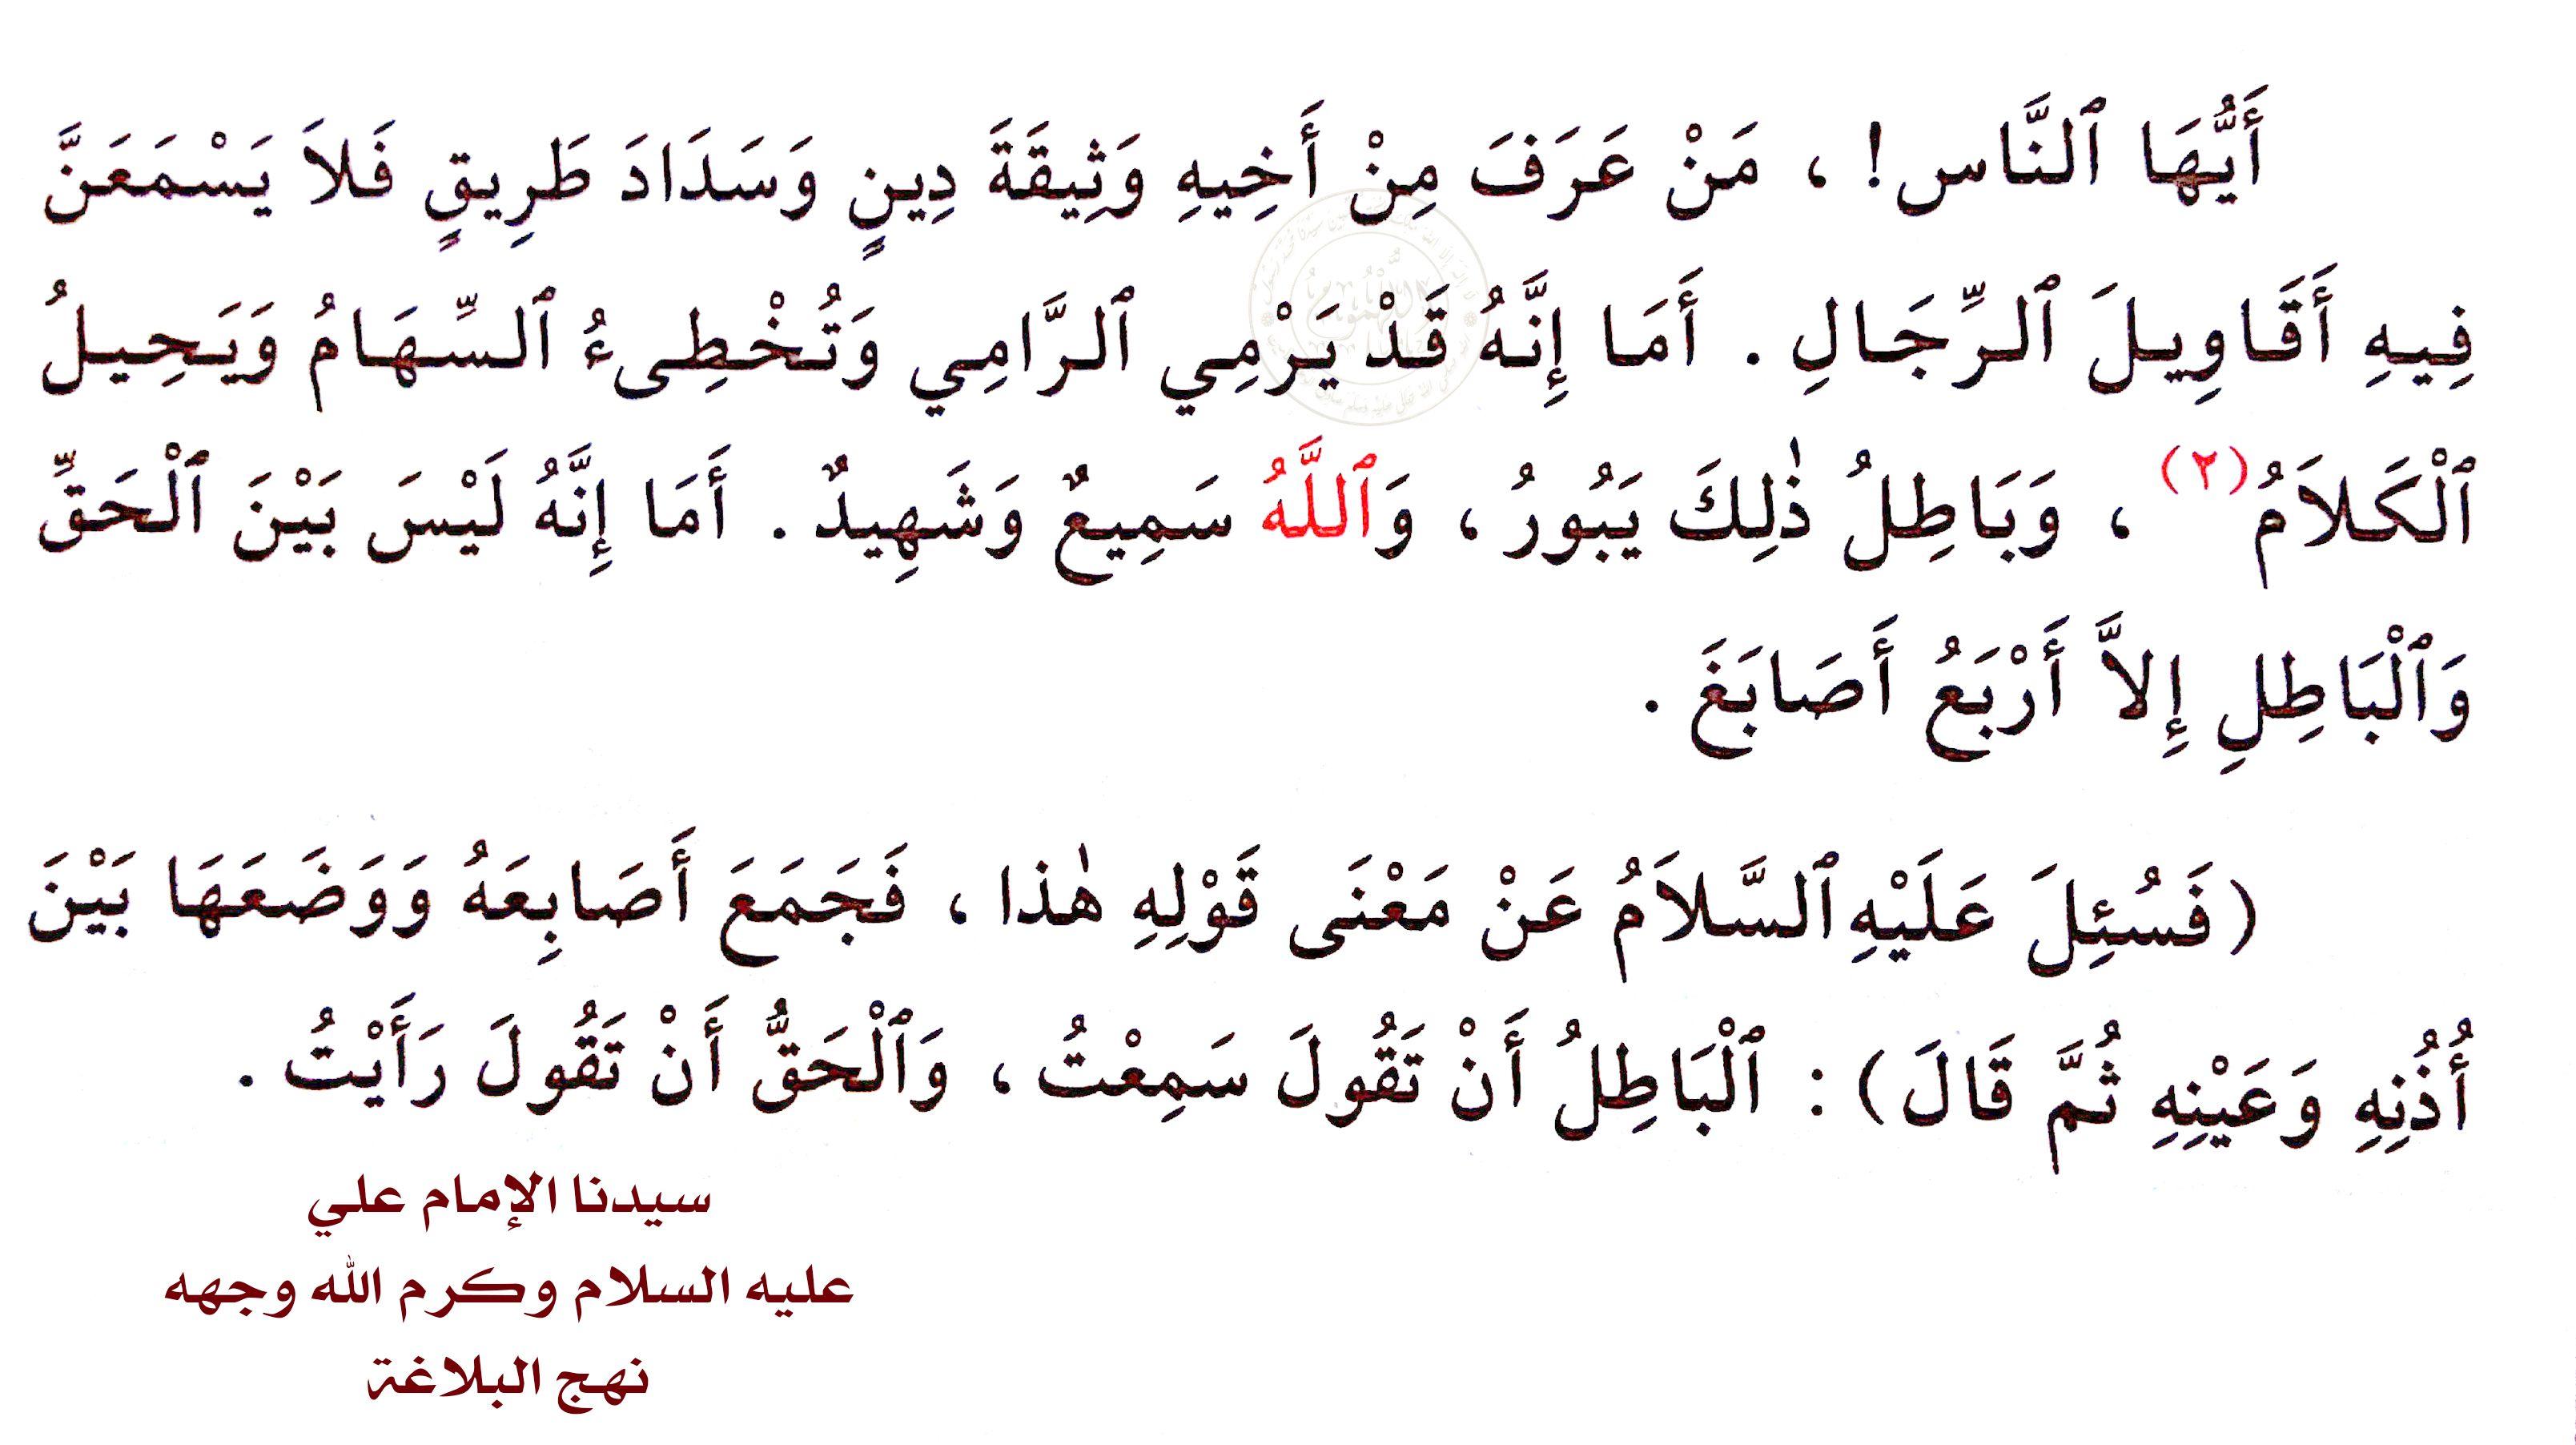 سيدناالإمام علي عليه السلام وكرم الله وجهه Math Arabic Calligraphy Math Equations